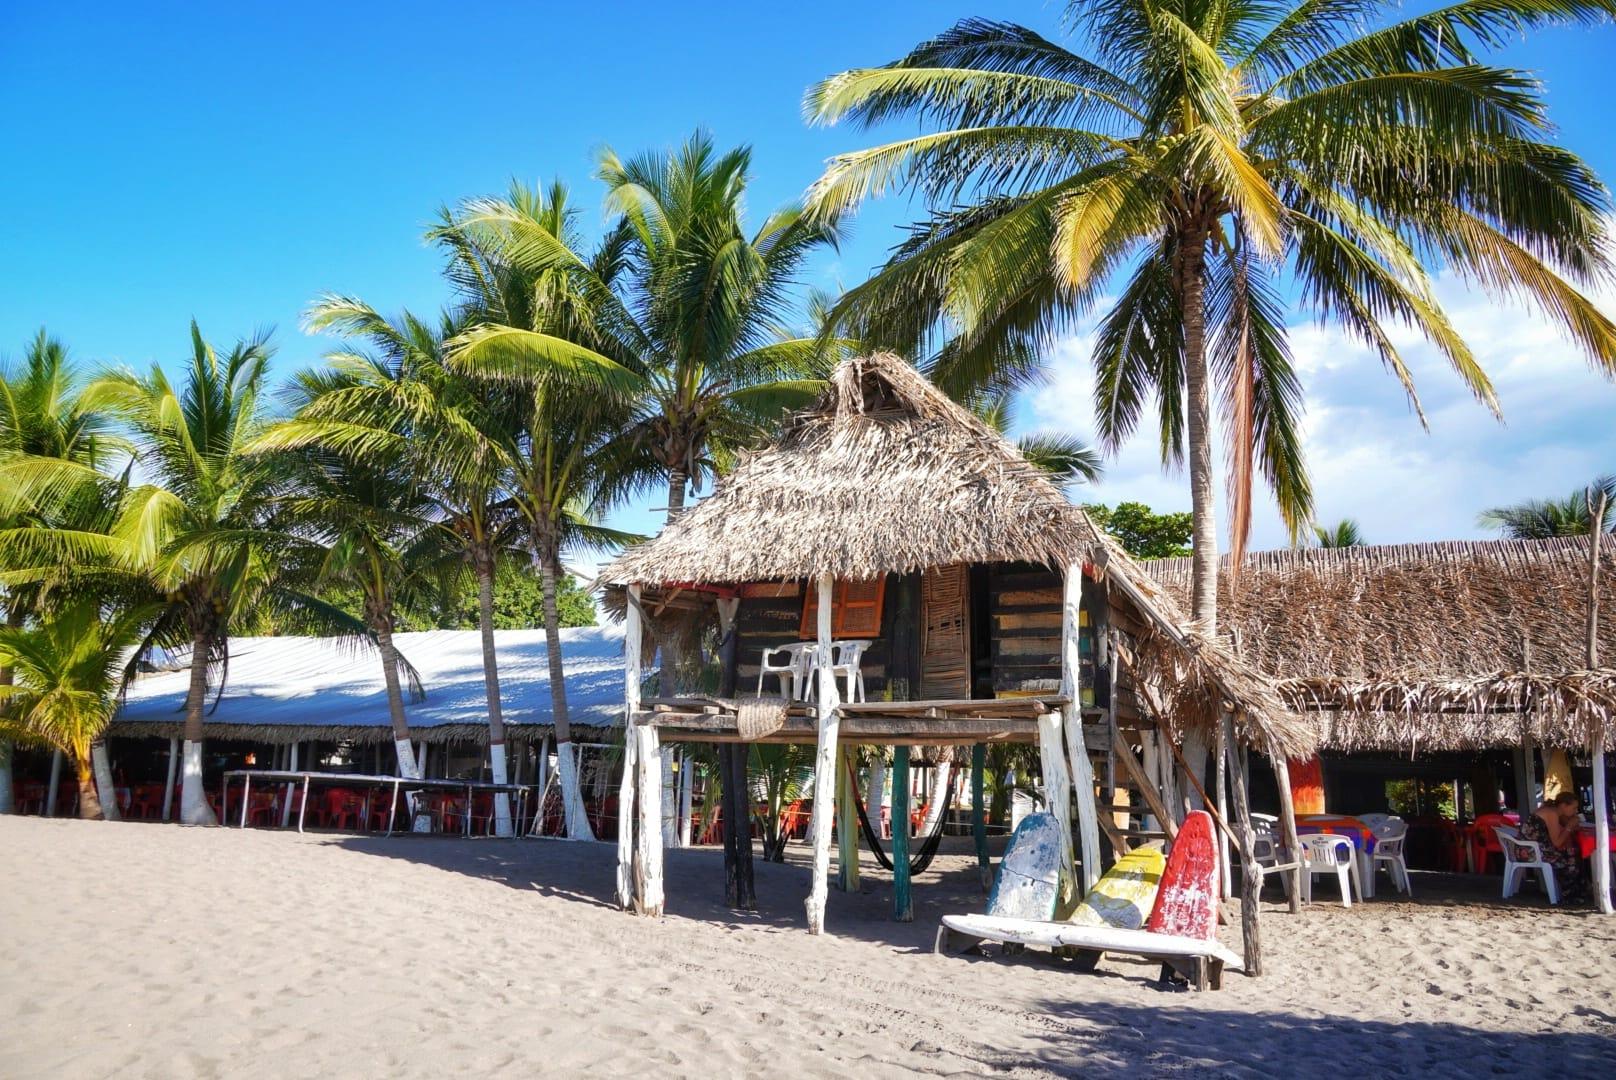 Chiringuito en la playa del Borrego, San Blas